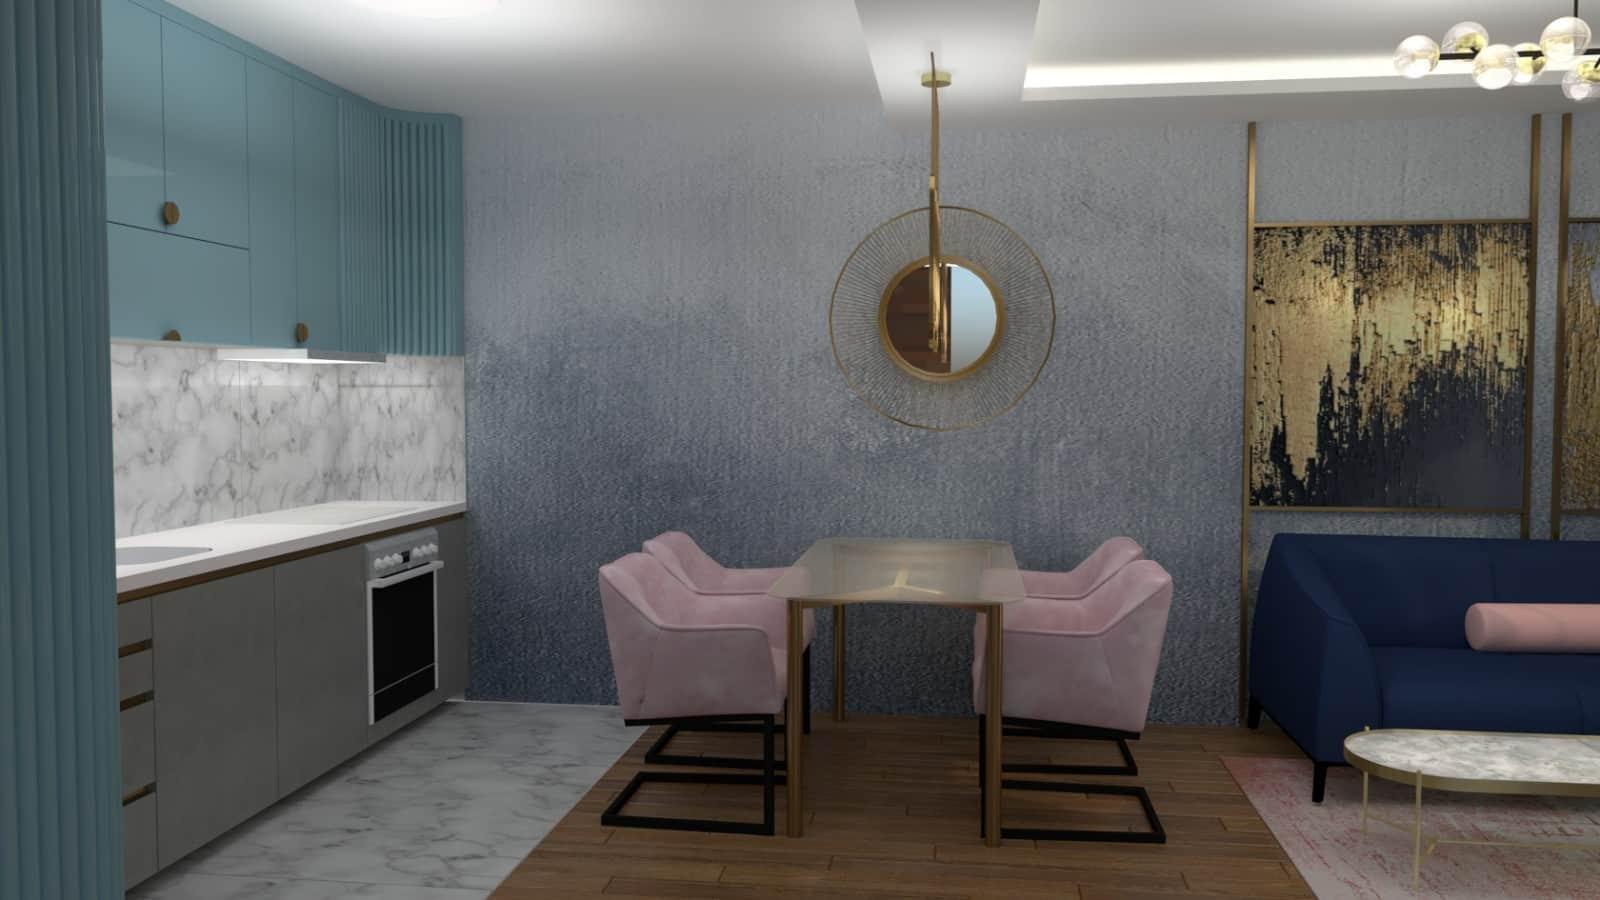 dnevna soba i kuhinja namestaj (2)